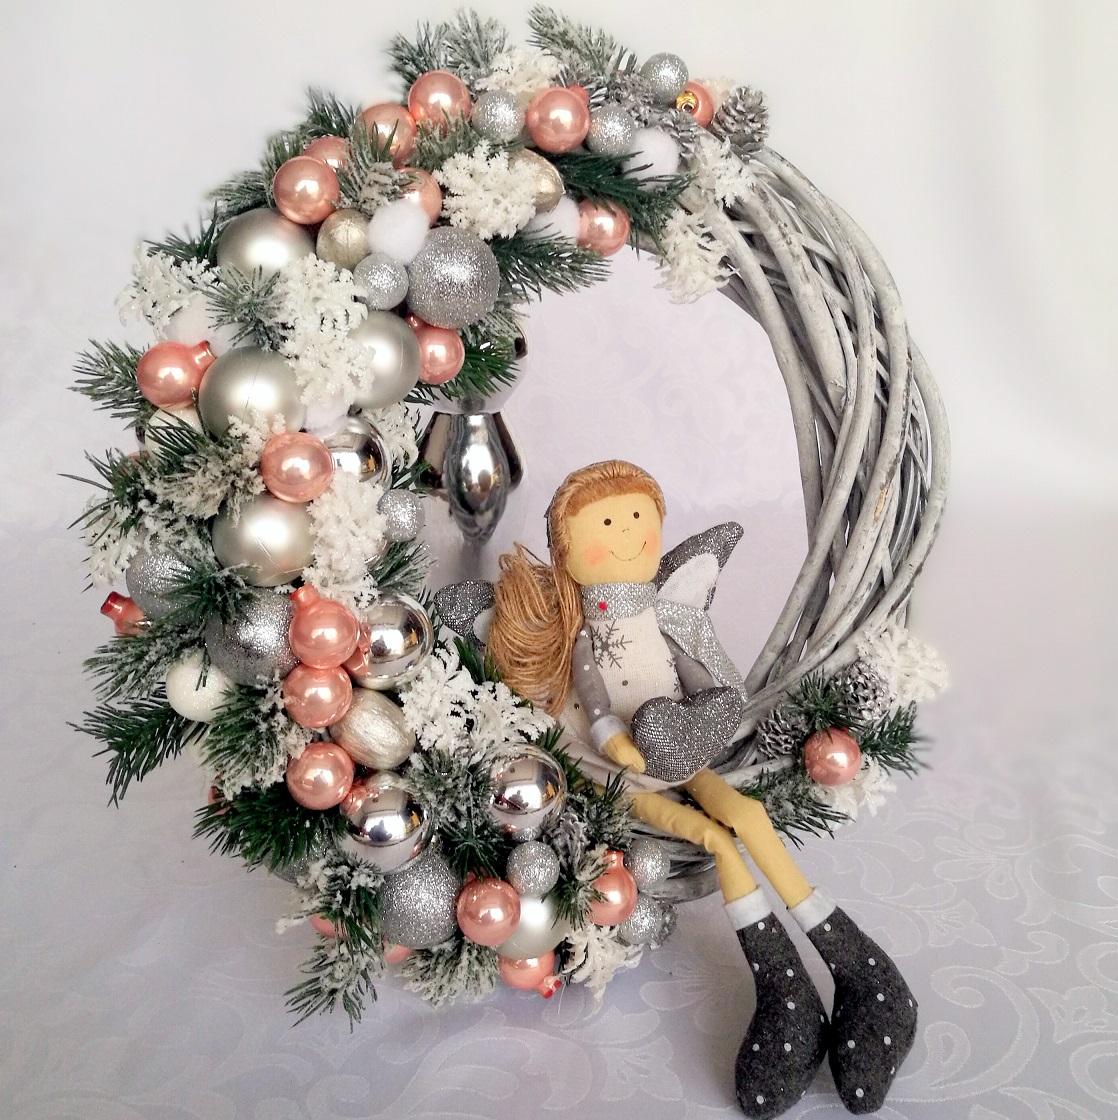 Wianek świąteczny z aniołkiem nr. 57